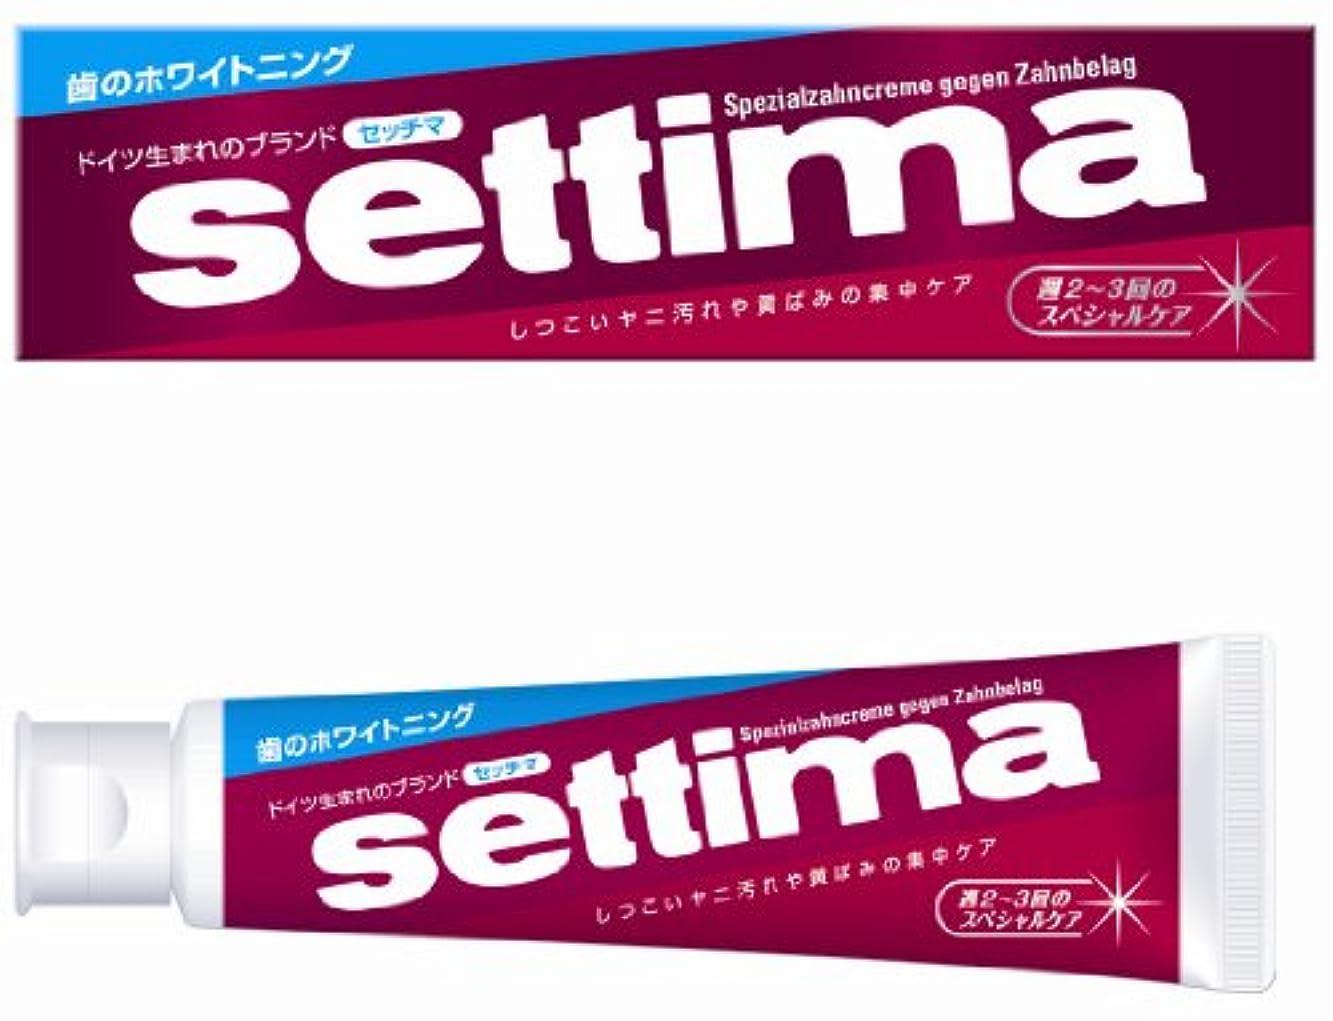 遷移試みプランターsettima(セッチマ) はみがき スペシャル (箱タイプ) 120g